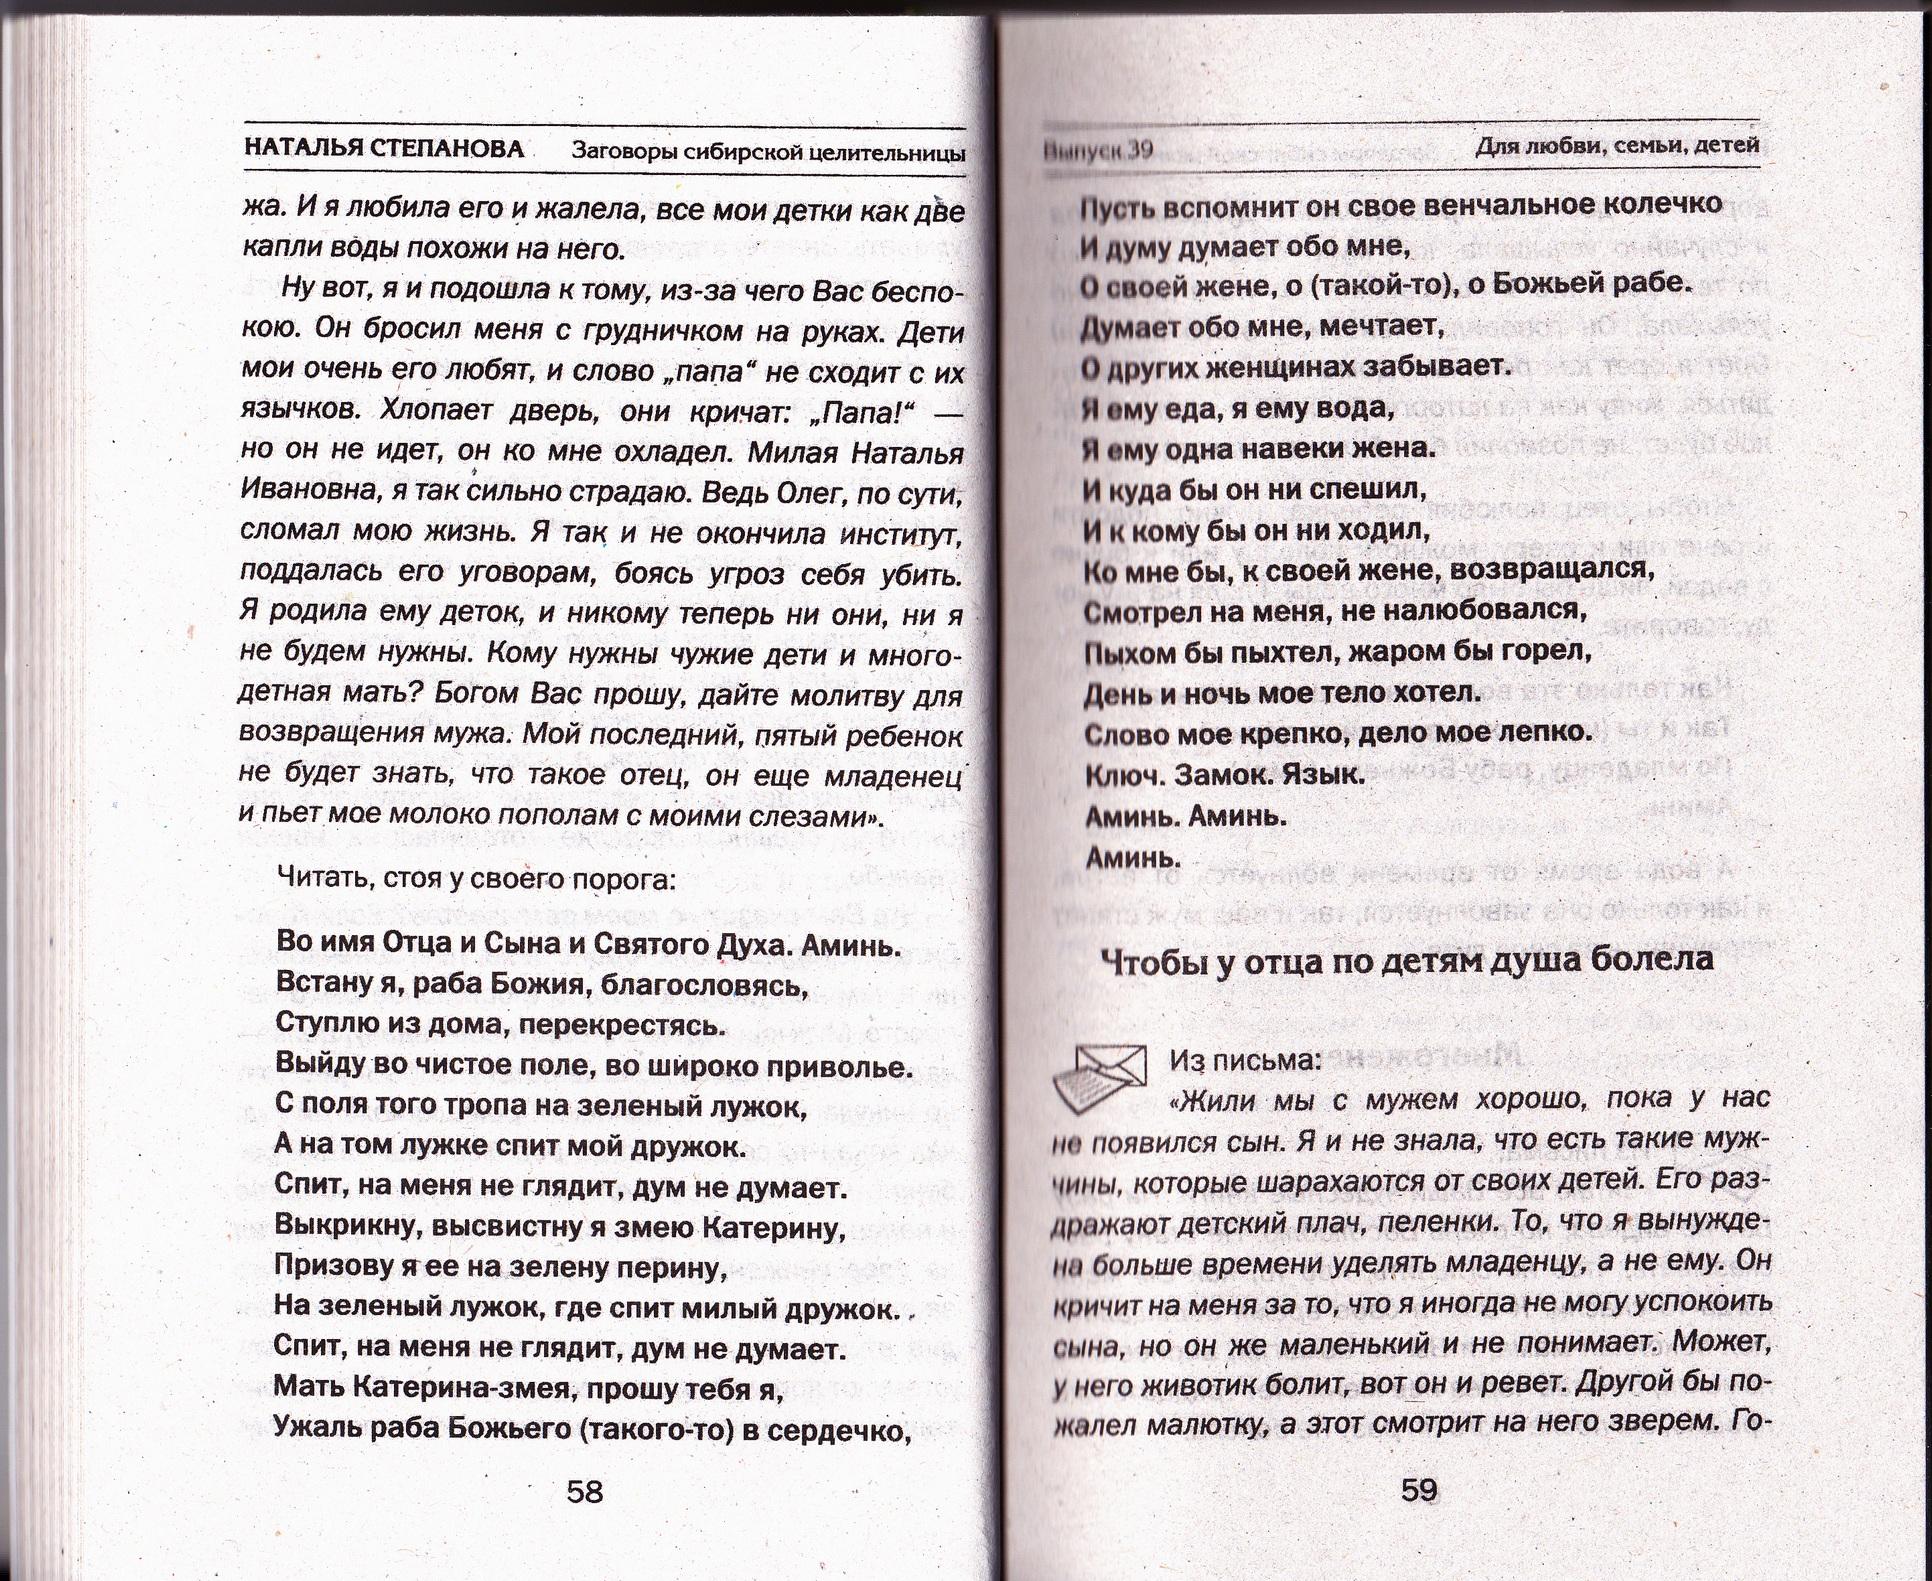 Заговор на деньги читать в домашних условиях - fo 61